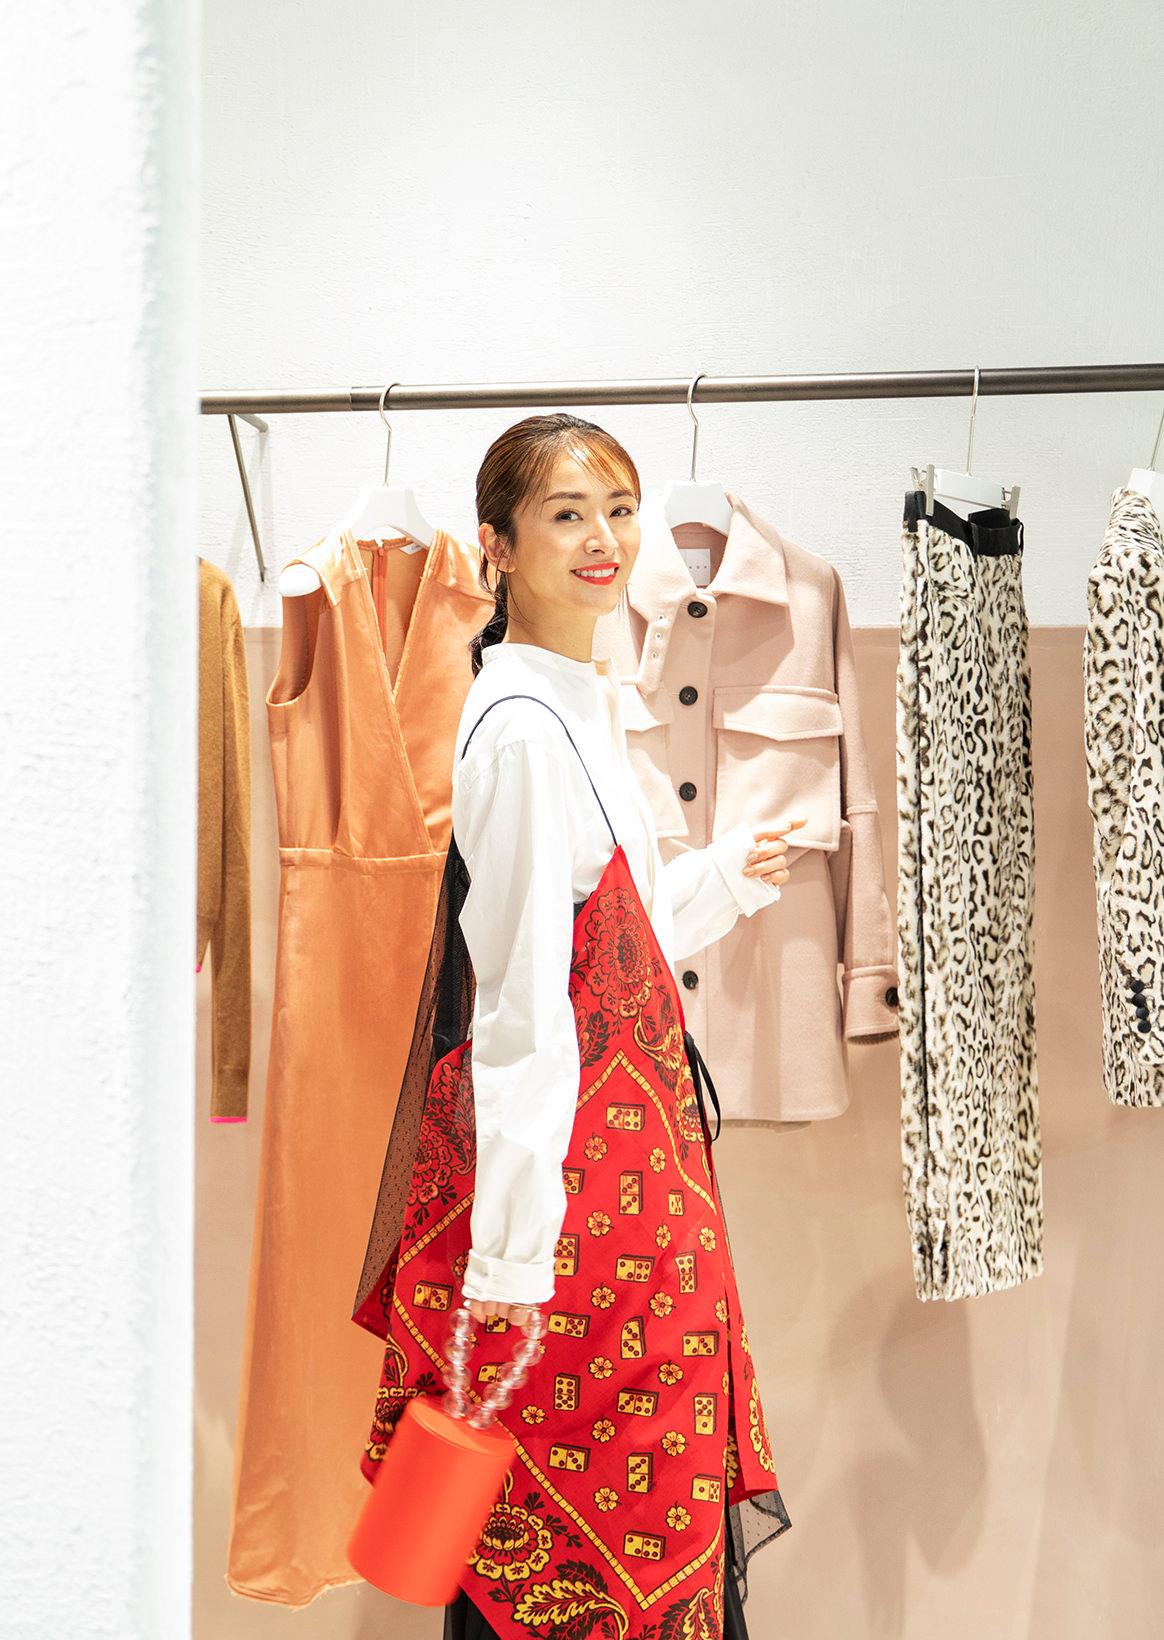 クリス-ウェブ佳子×CINOH&ほぼ日カルチャん|大人の女性のためのファッション&カルチャー空間。